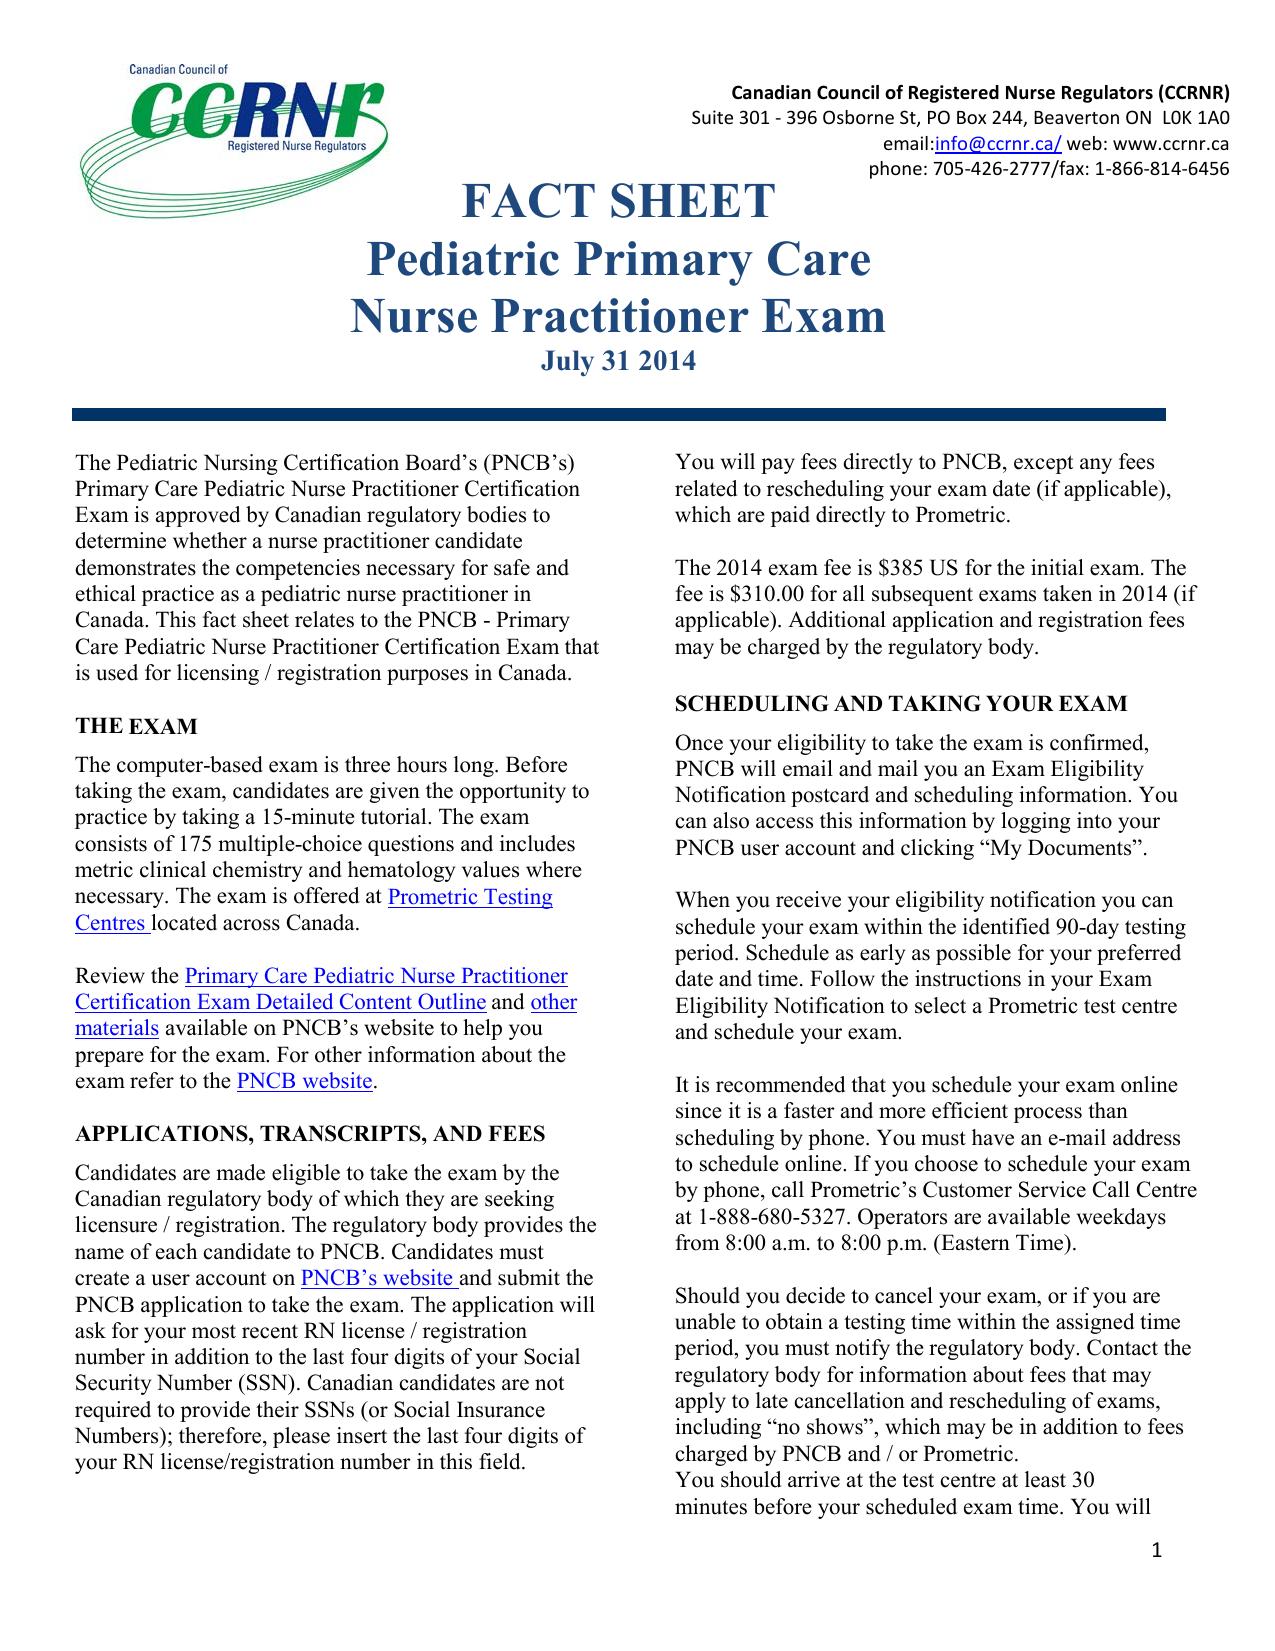 Fact Sheet Pediatric Primary Care Nurse Practitioner Exam